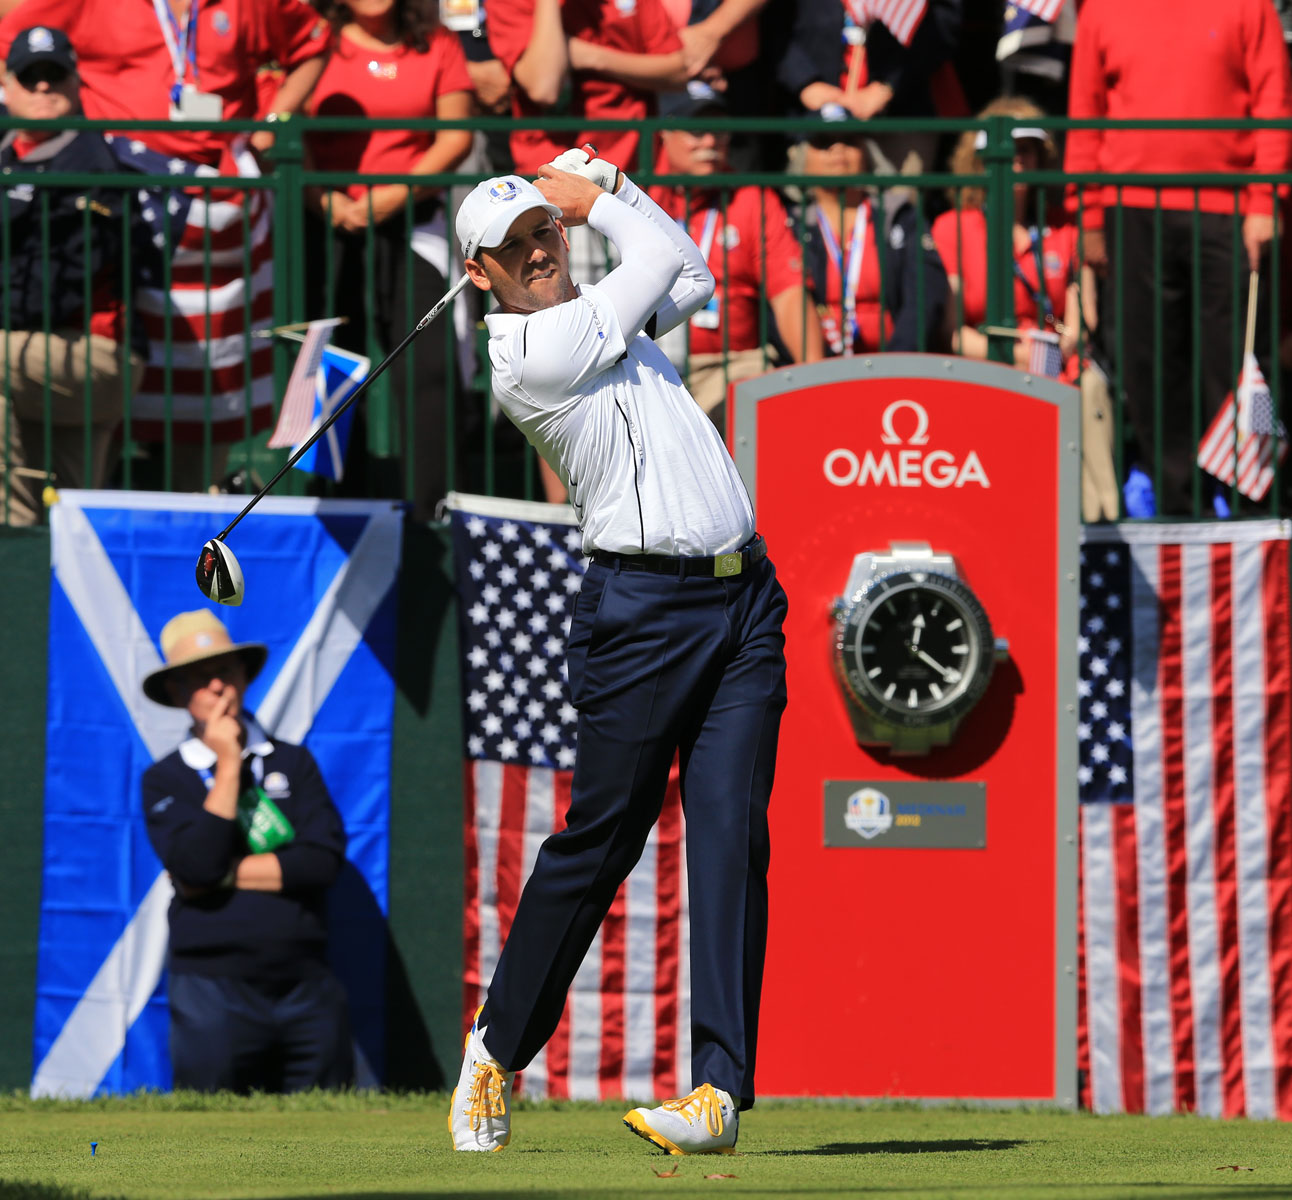 全米プロゴルフ協会(PGA)のオフィシャルタイムキーパー画像